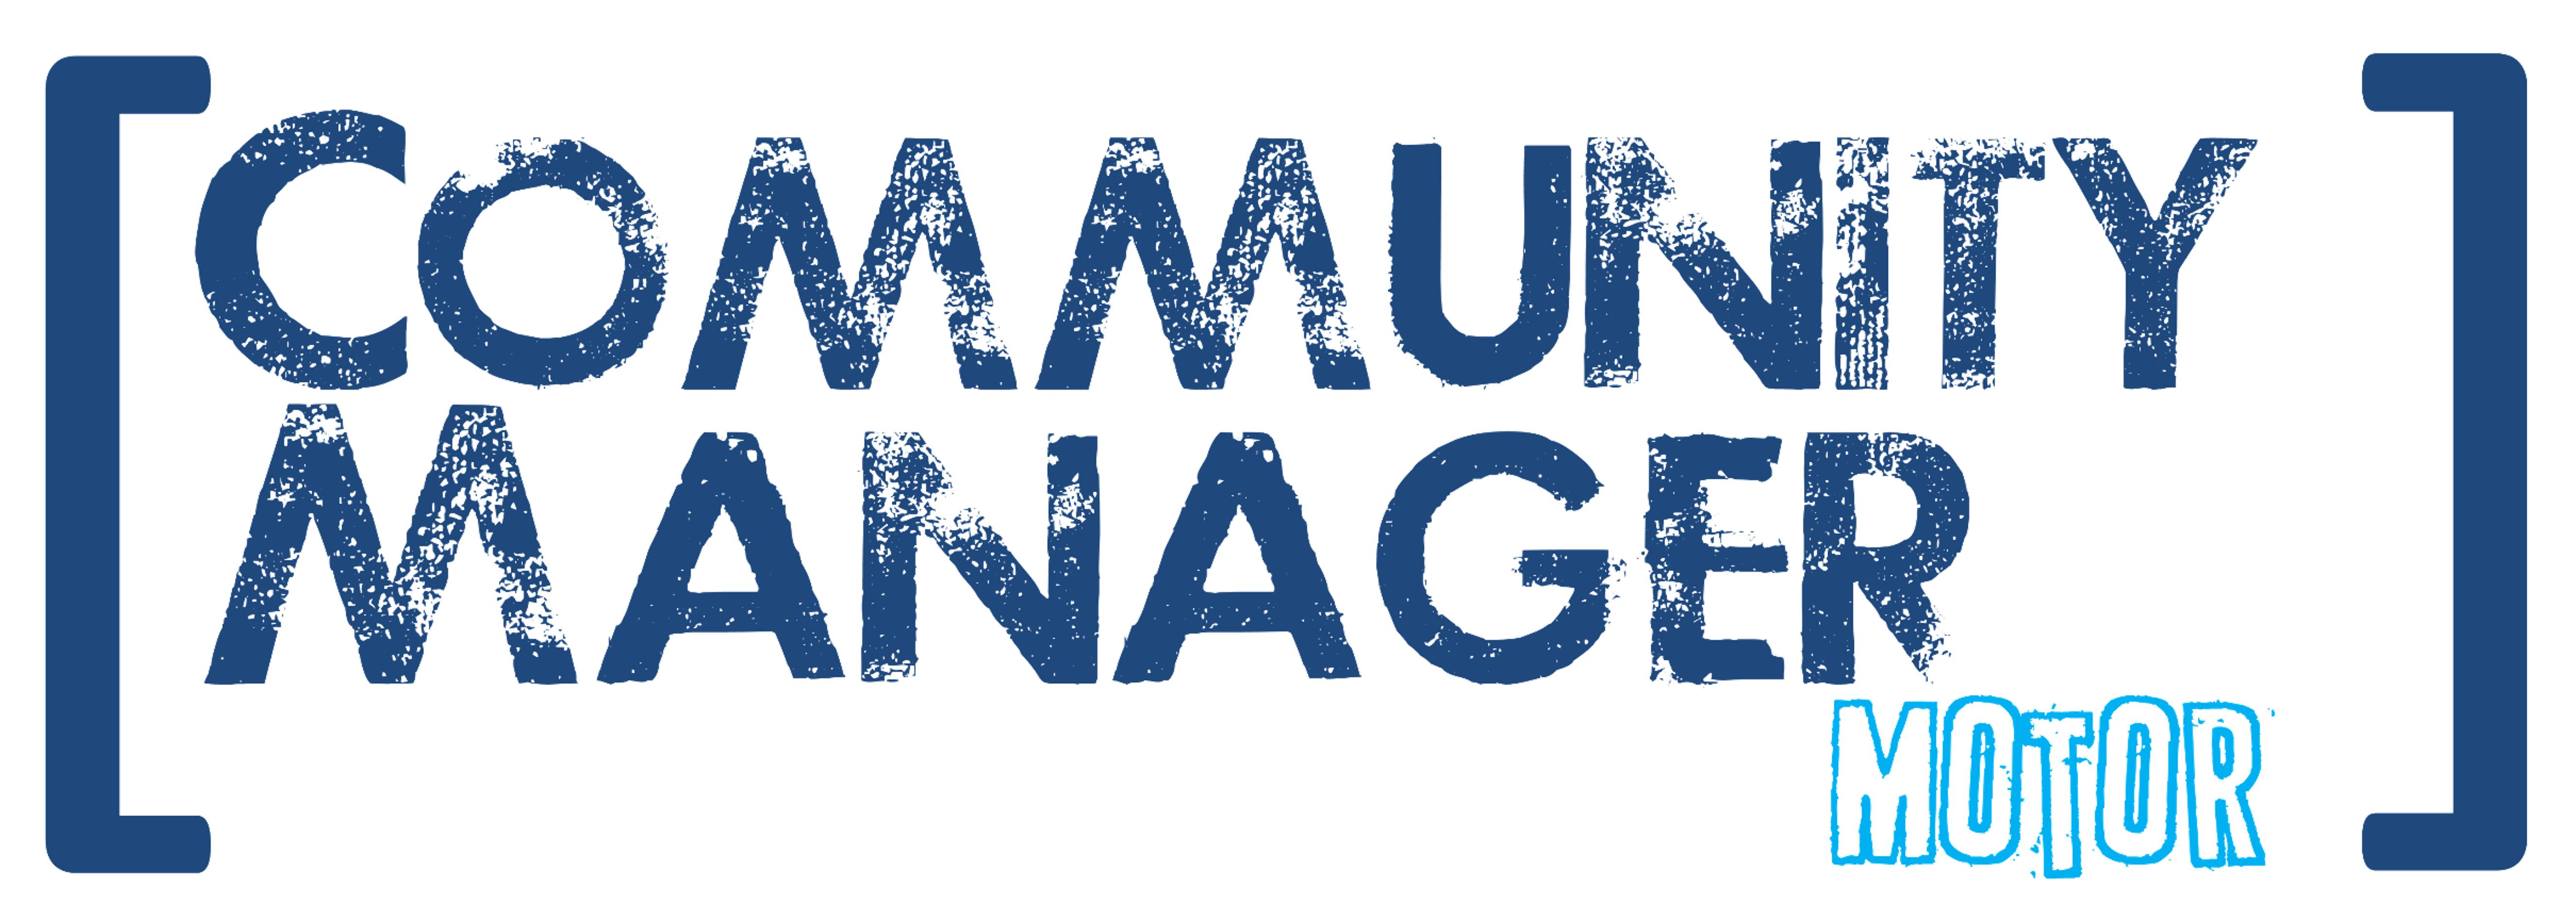 Logo_CMmotor largo